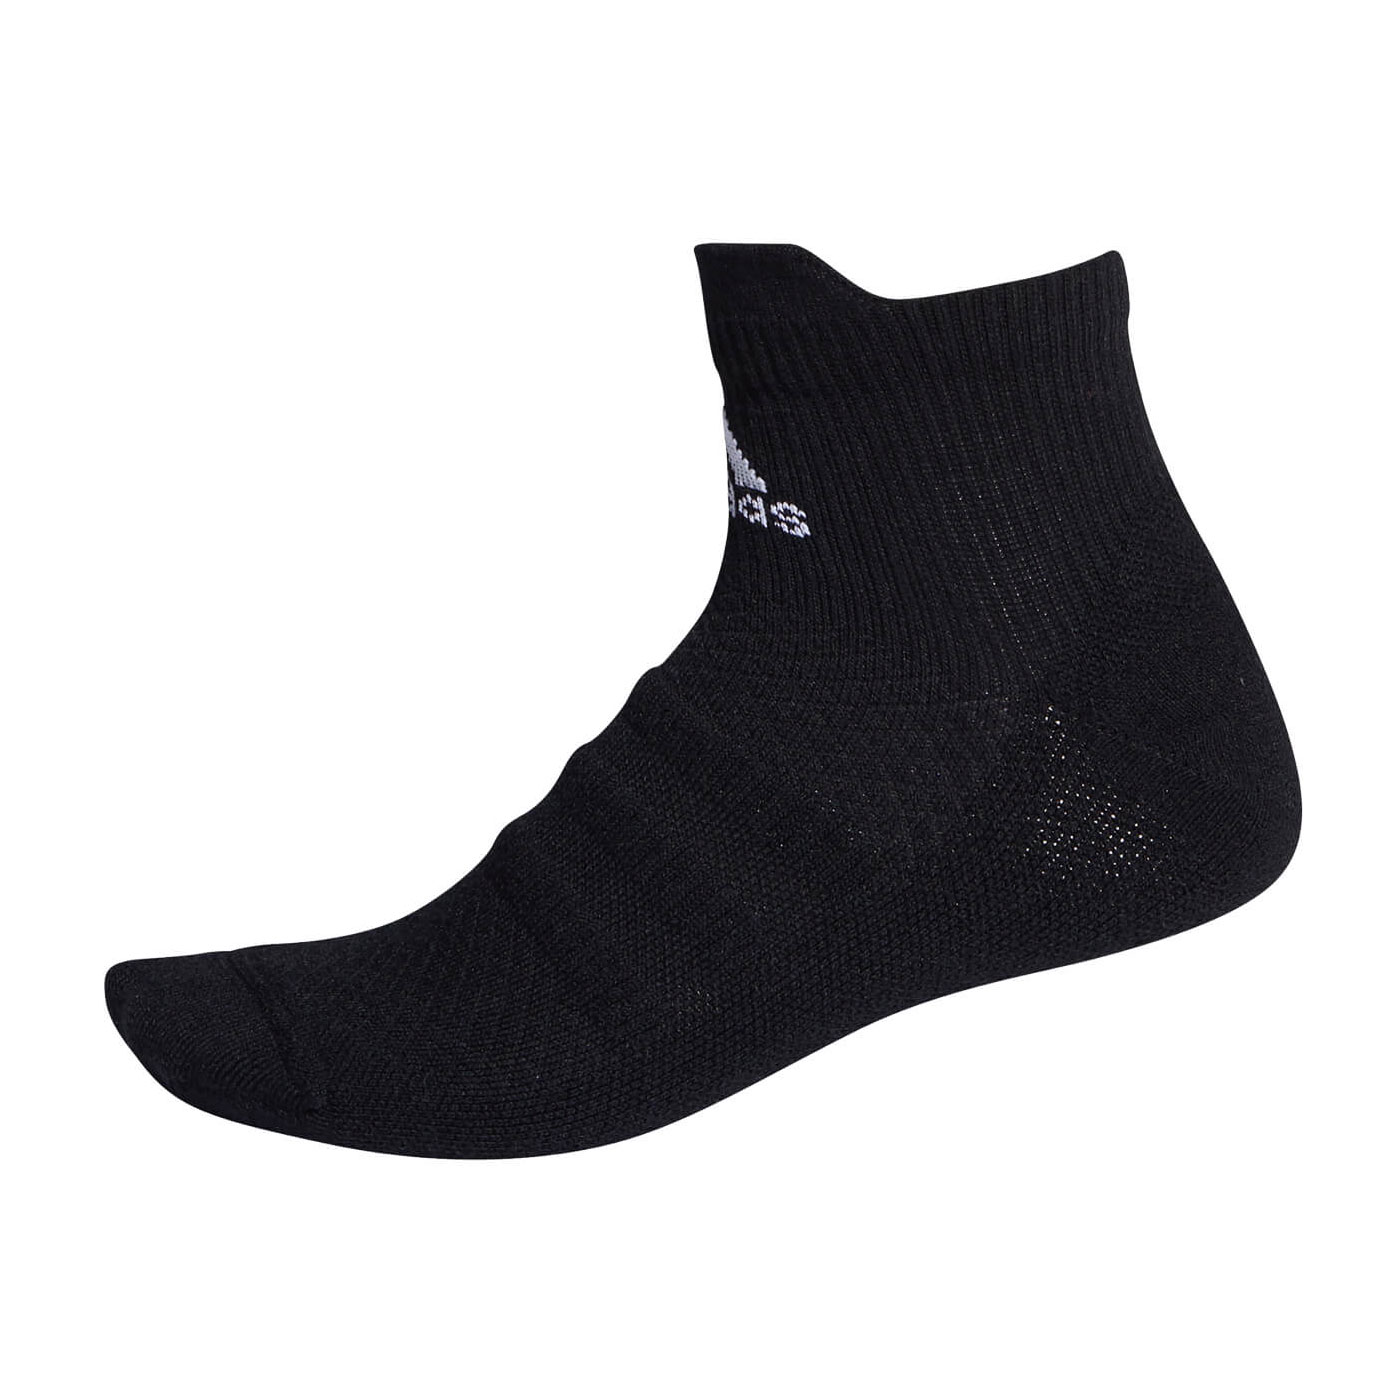 ADIDAS 襪子 FK0962 - 黑白